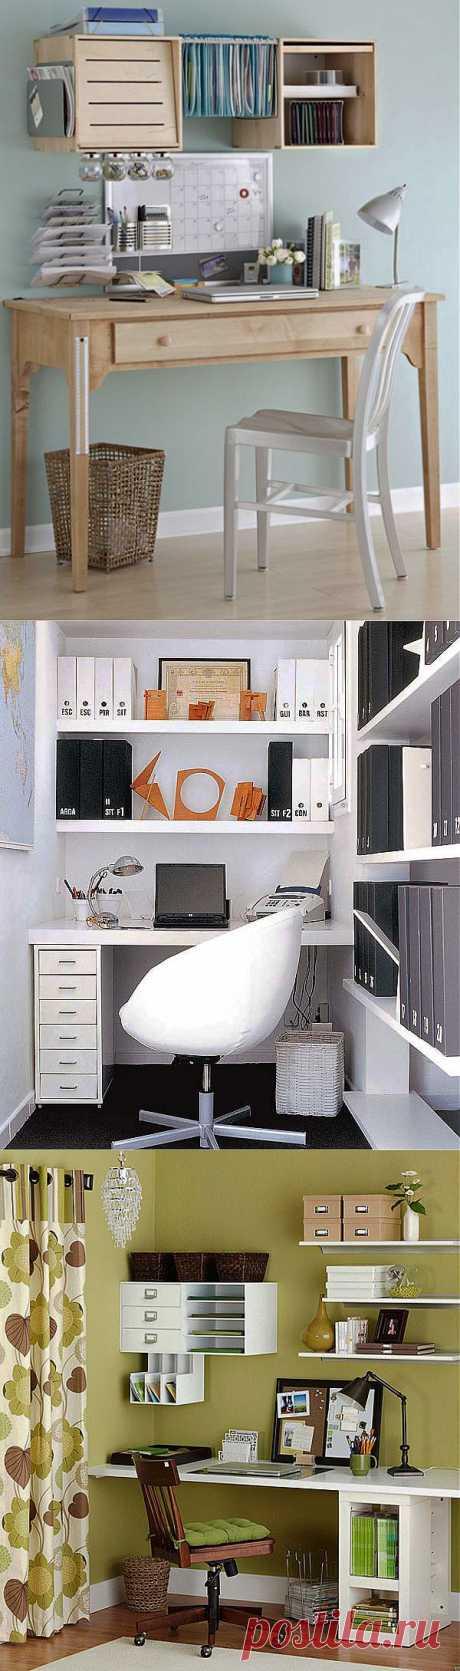 Организация функционального домашнего офиса в маленькой квартире